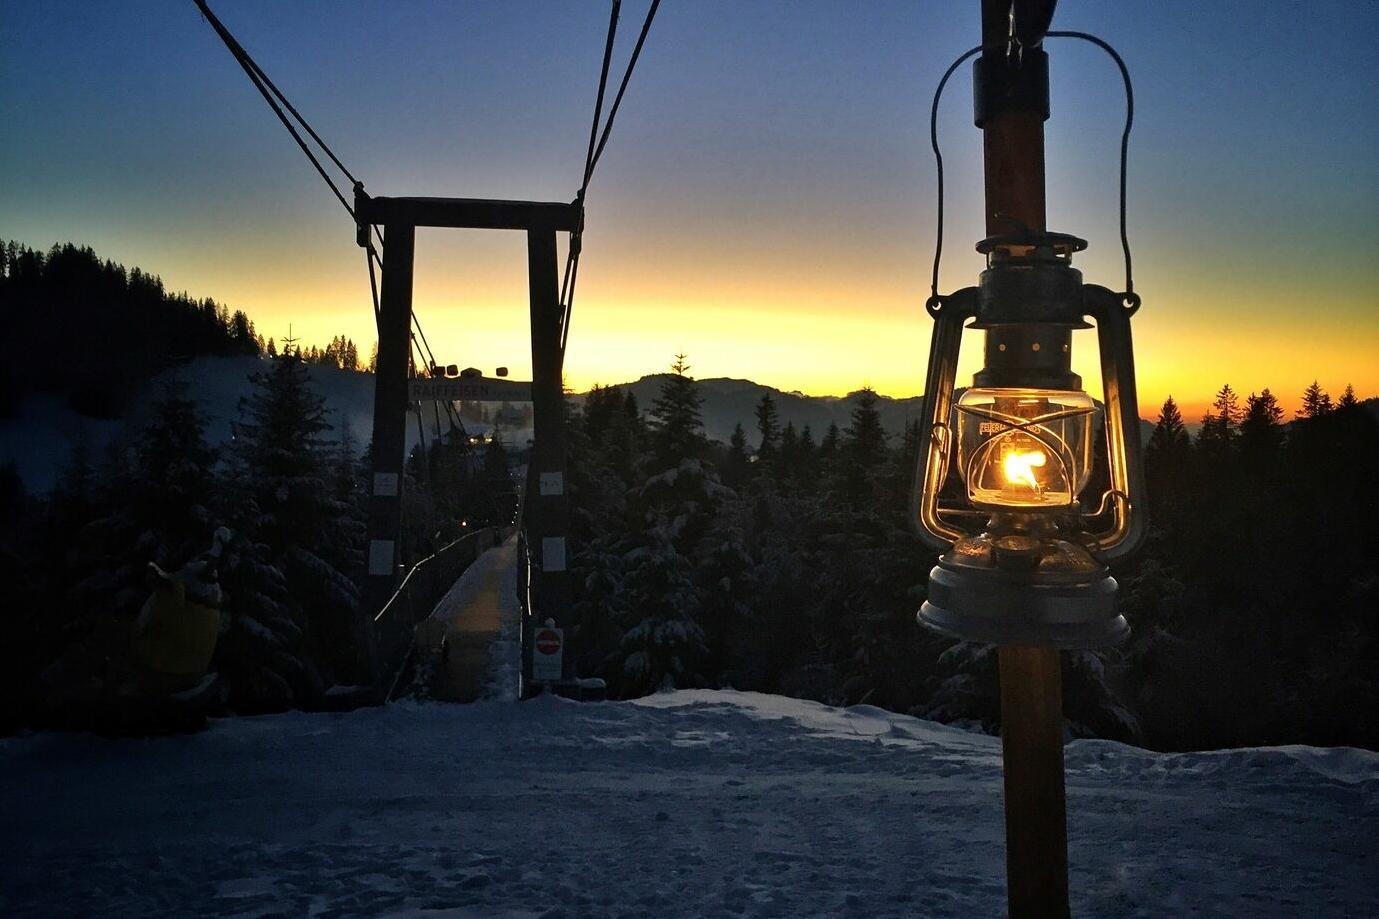 Gesäumt von 50 Lichtern: Der Laternenweg auf dem Sattel-Hochstuckli